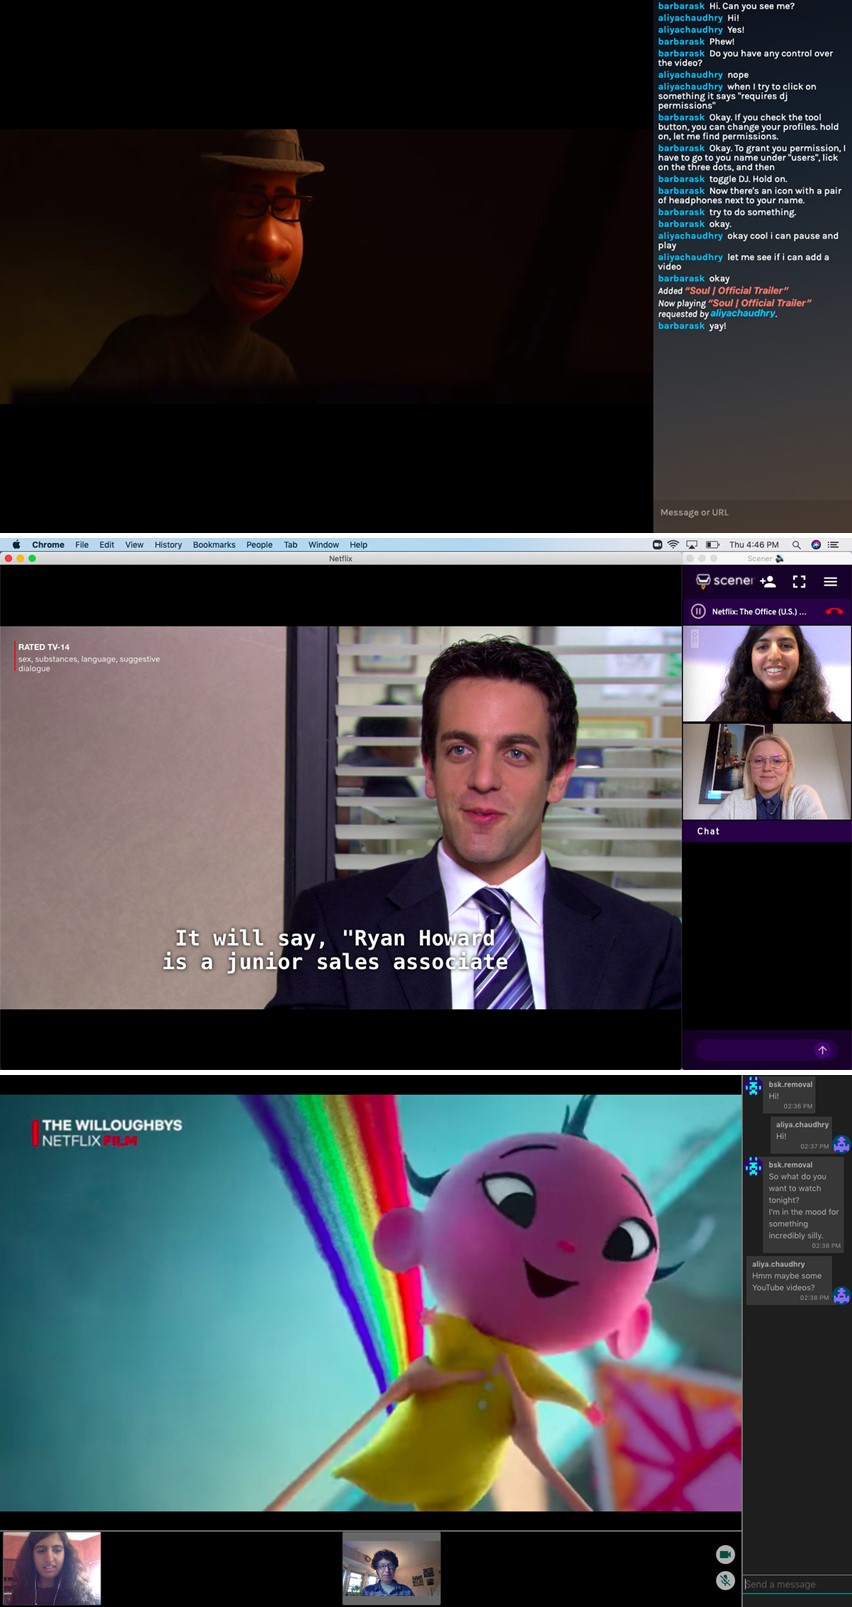 그림 4. (위쪽부터) 메타스트림, 스캐너, 투세븐의 함께 보기 기능 / 출처 : The verge (2020. 7. 1) 재인용